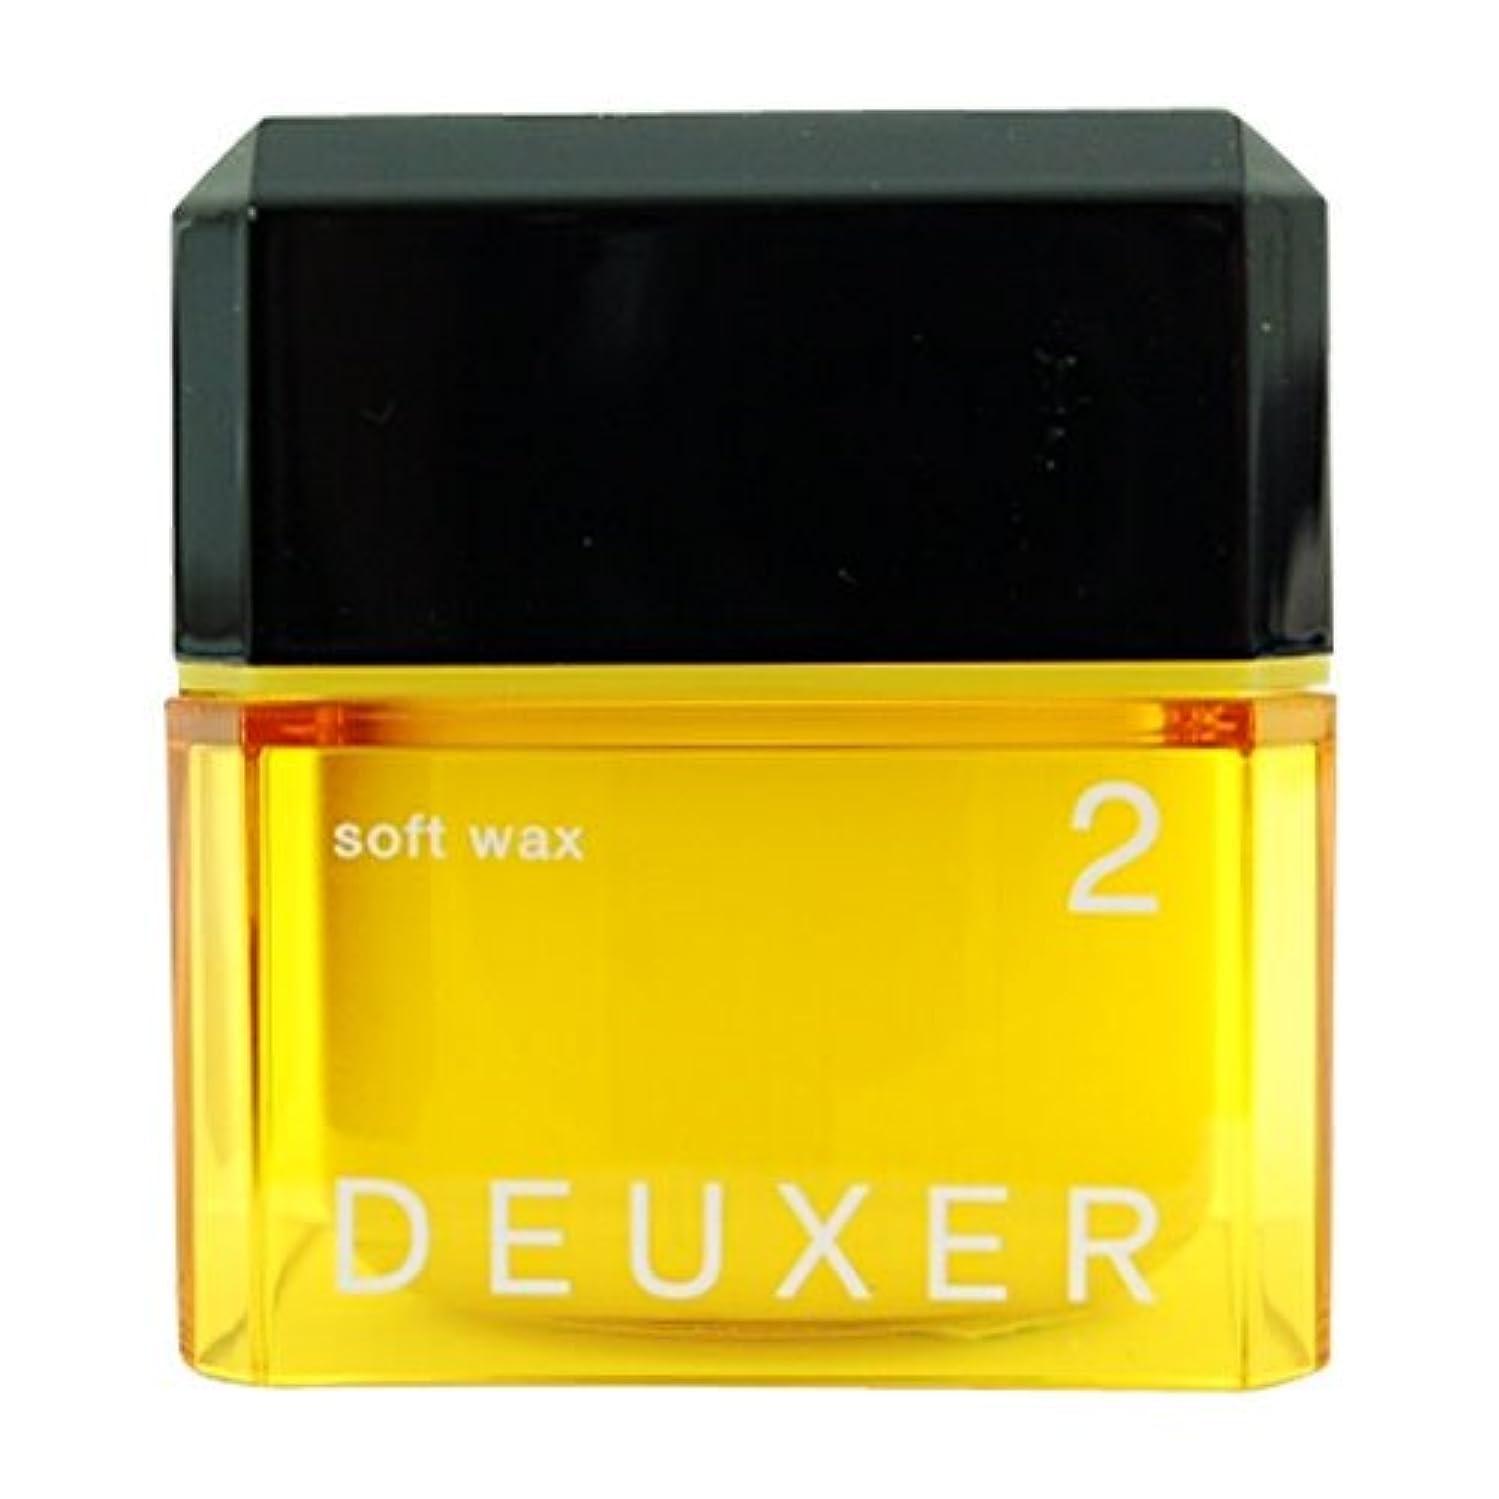 ビジネスキャメル発火するナンバースリー DEUXER(デューサー) ソフトワックス 2 80g